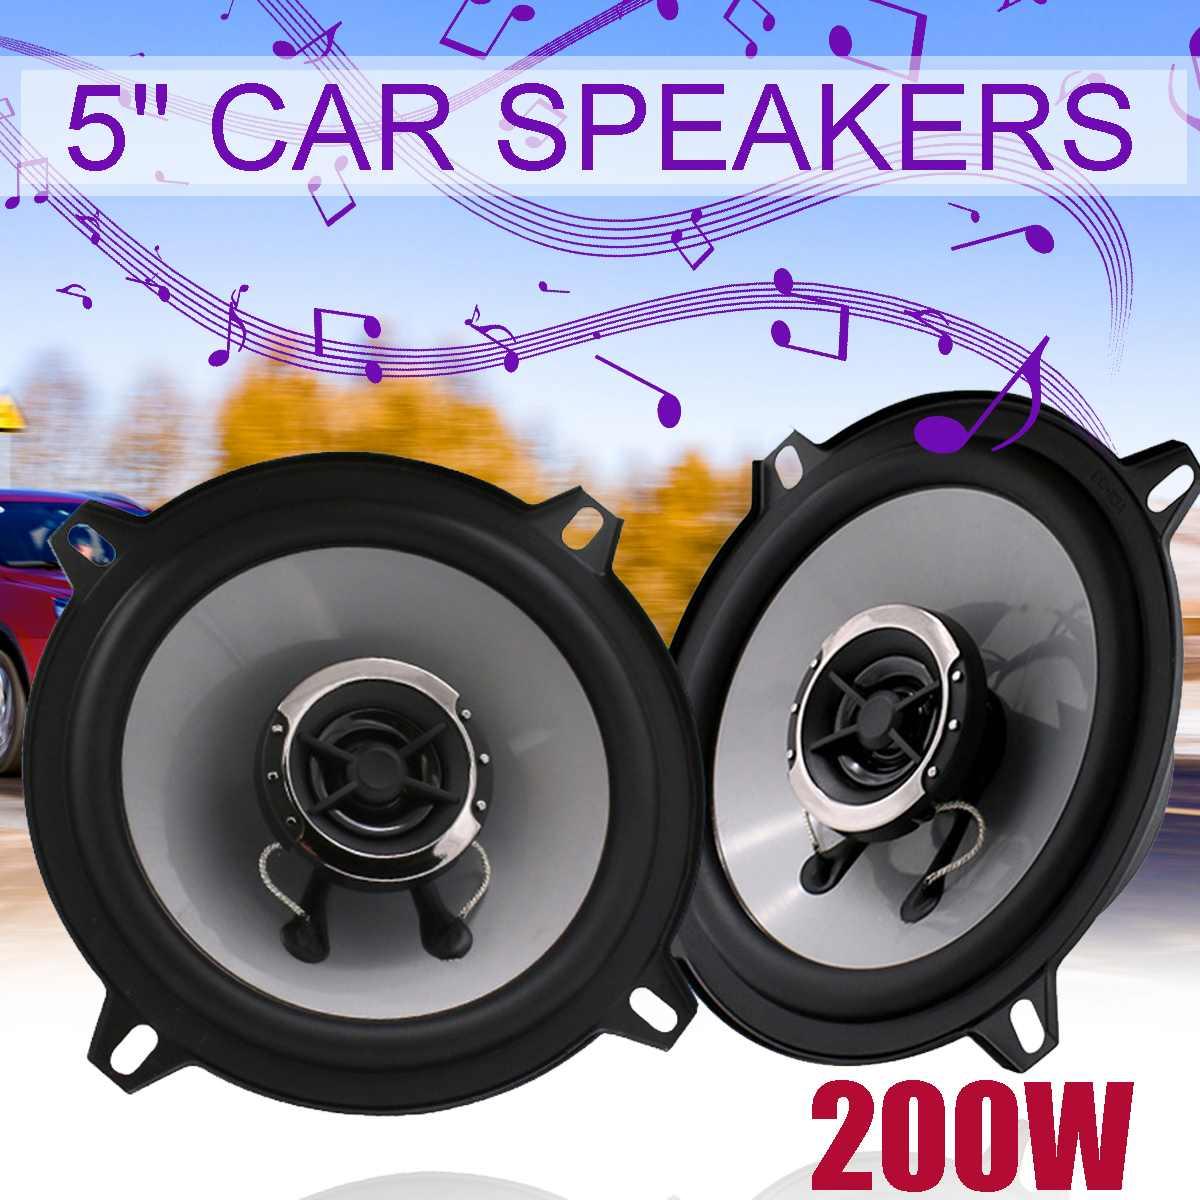 Altavoces universales HiFi para coche Coaxial, 2 uds. Y 5 pulgadas de 200W, altavoces estéreo de frecuencia de rango completo con Audio de puerta de coche y 2 canales